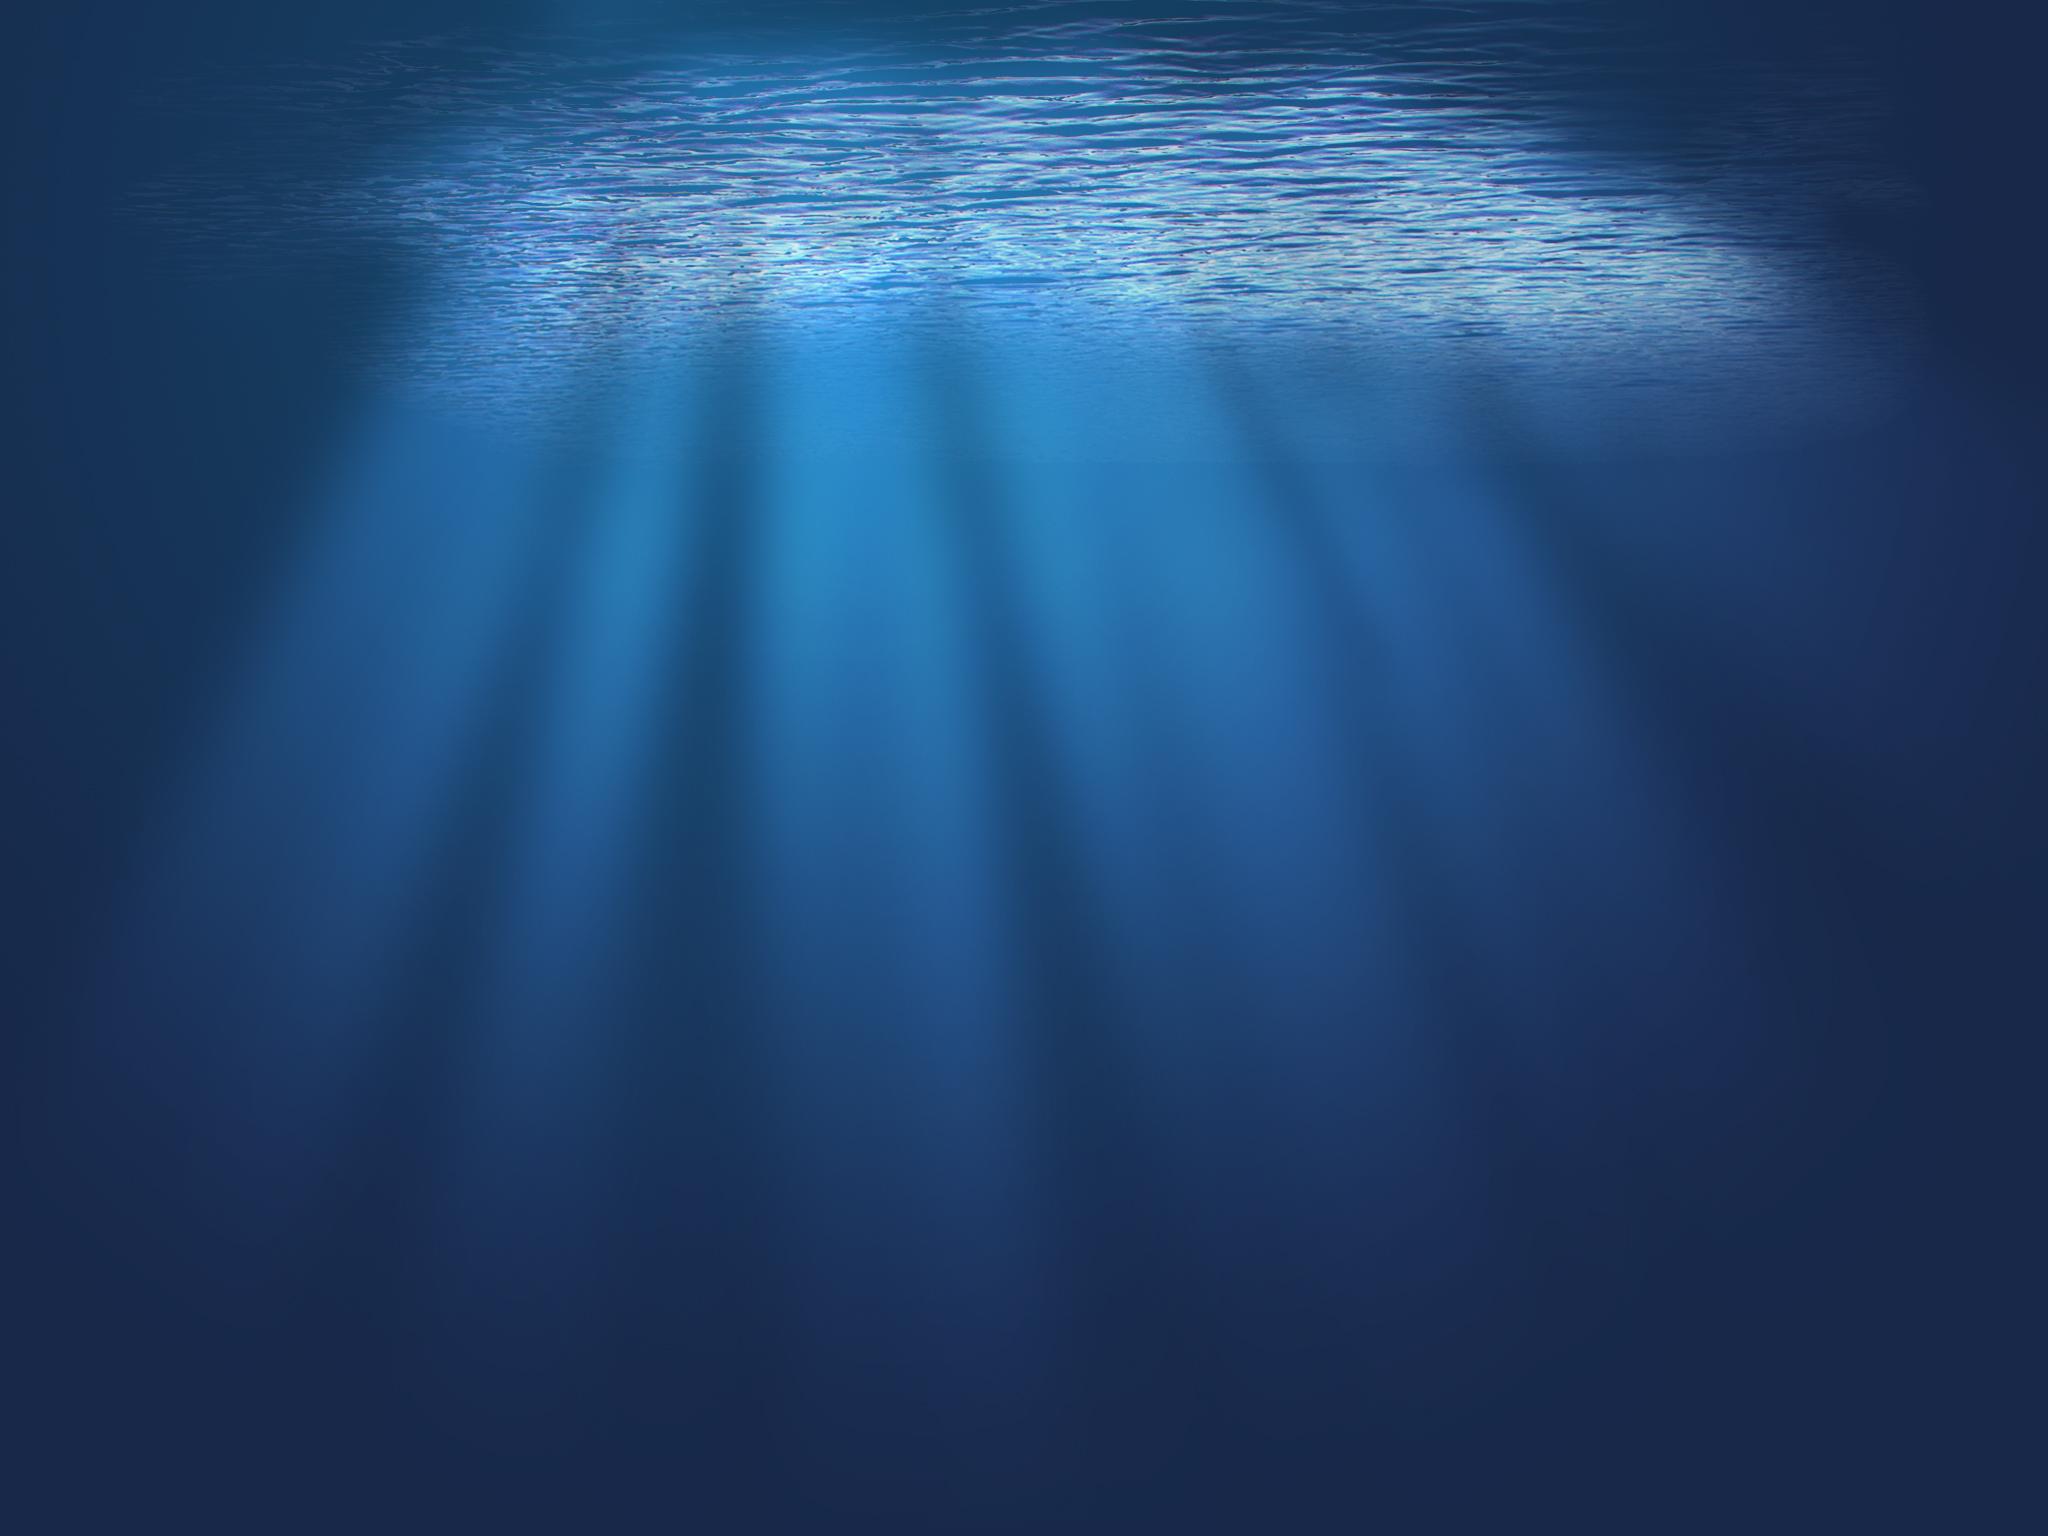 underwater-mortgages-wallpaper.jpg